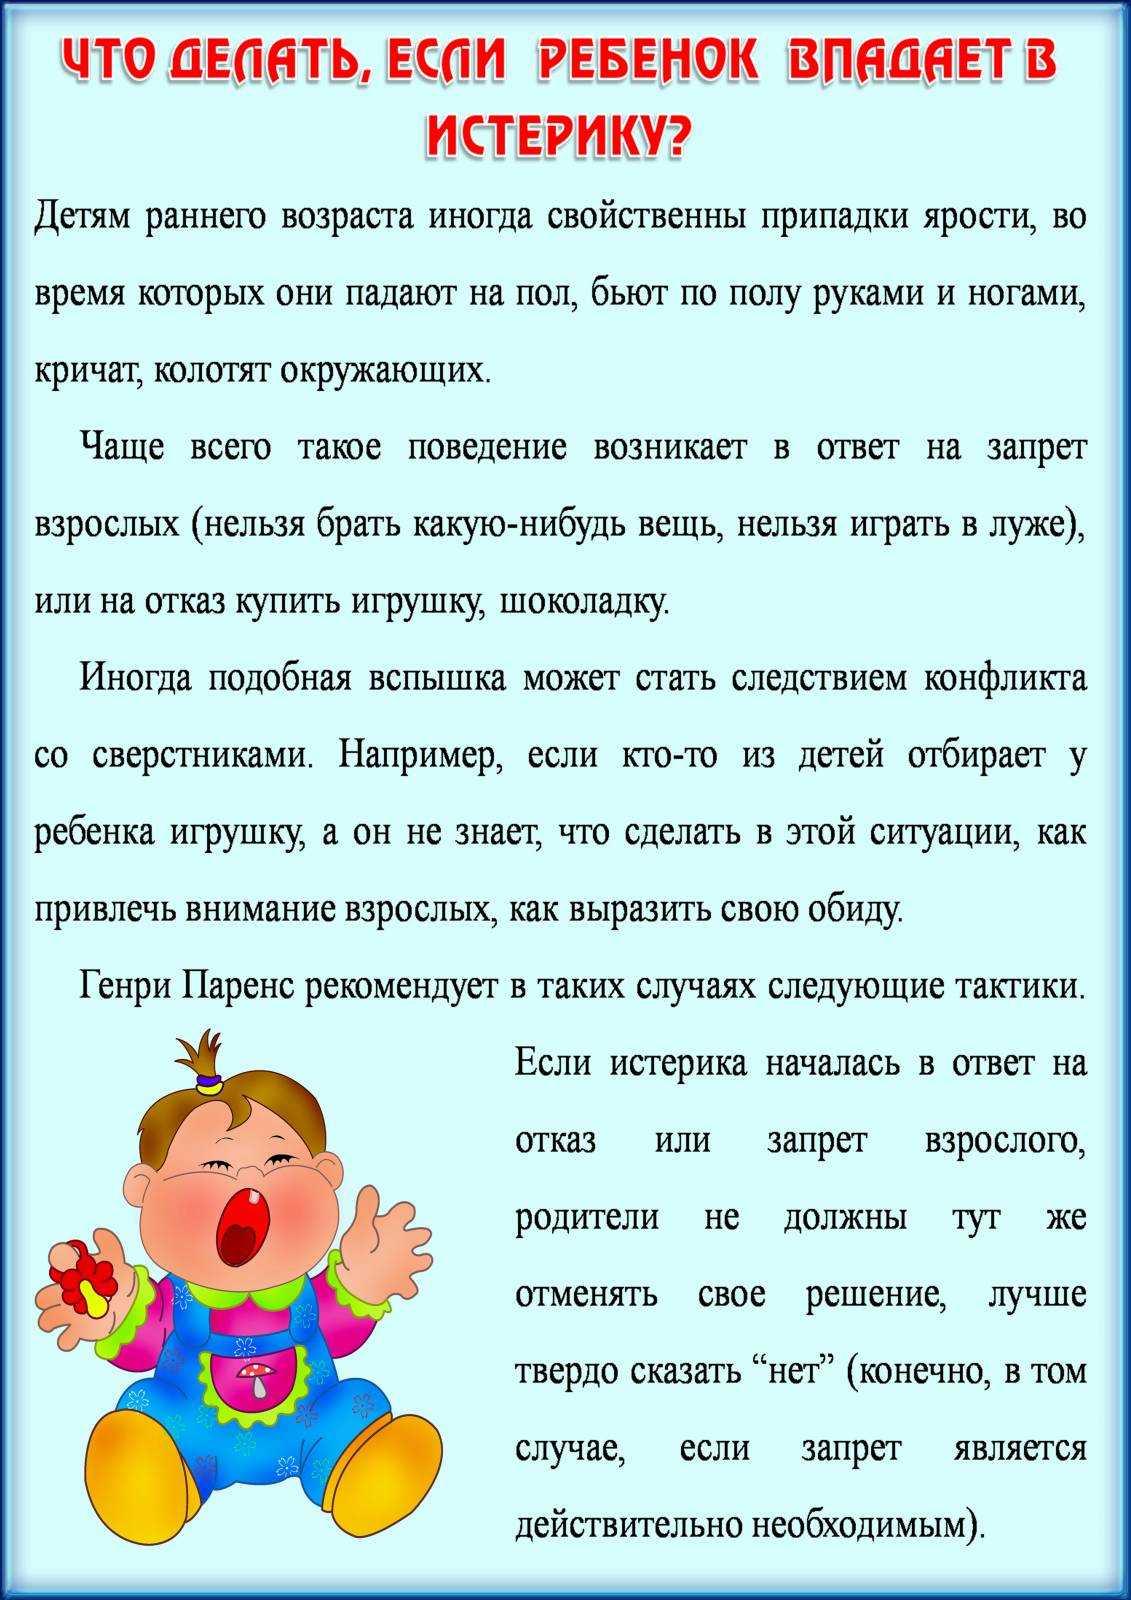 ребенок не хочет идти в детский сад советы психолога. ребенок плачет в садике: что делать? комаровский: адаптация ребенка в детском саду. советы психолога